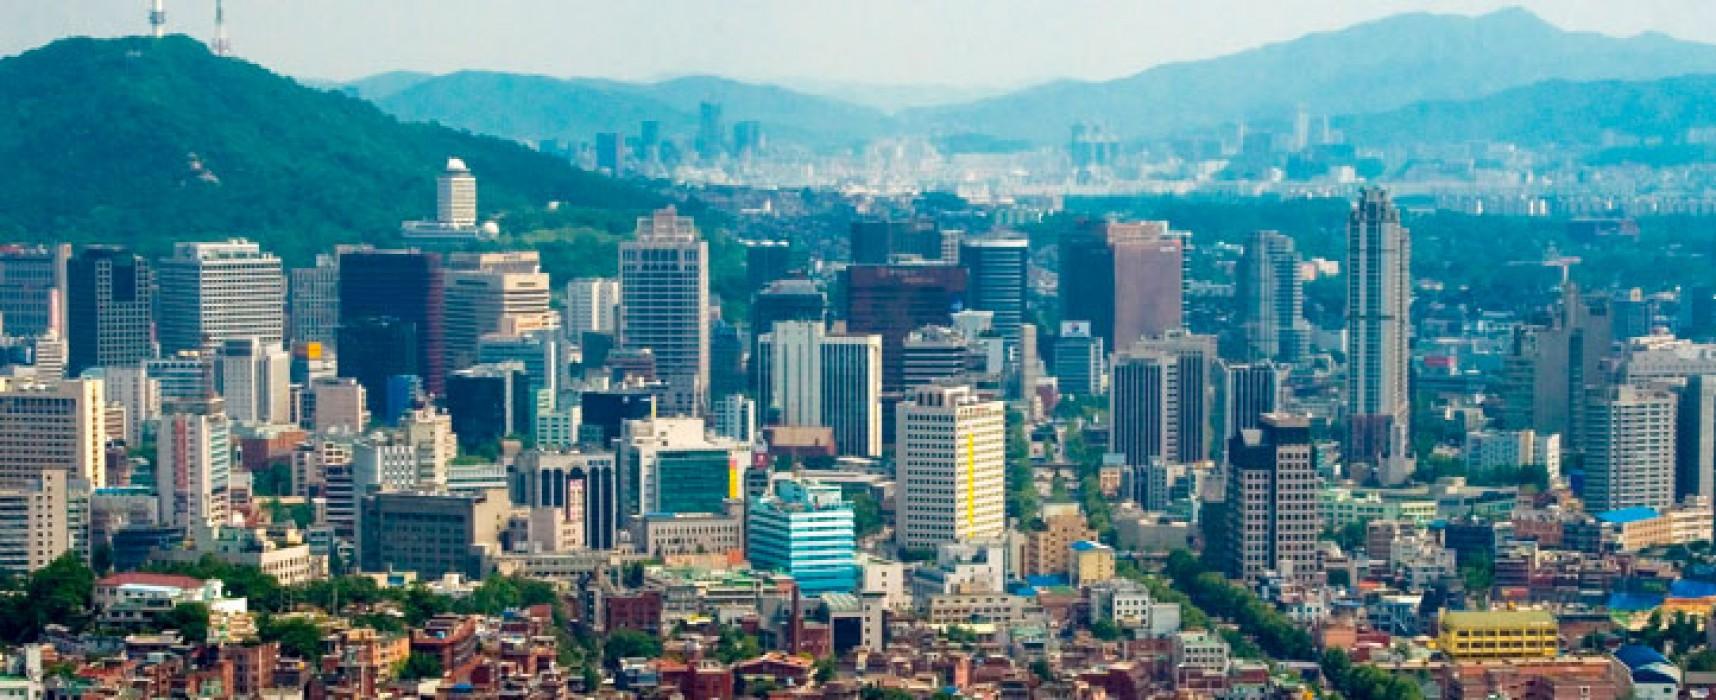 Maravilloso TimeLapse de Seúl, Corea del Sur